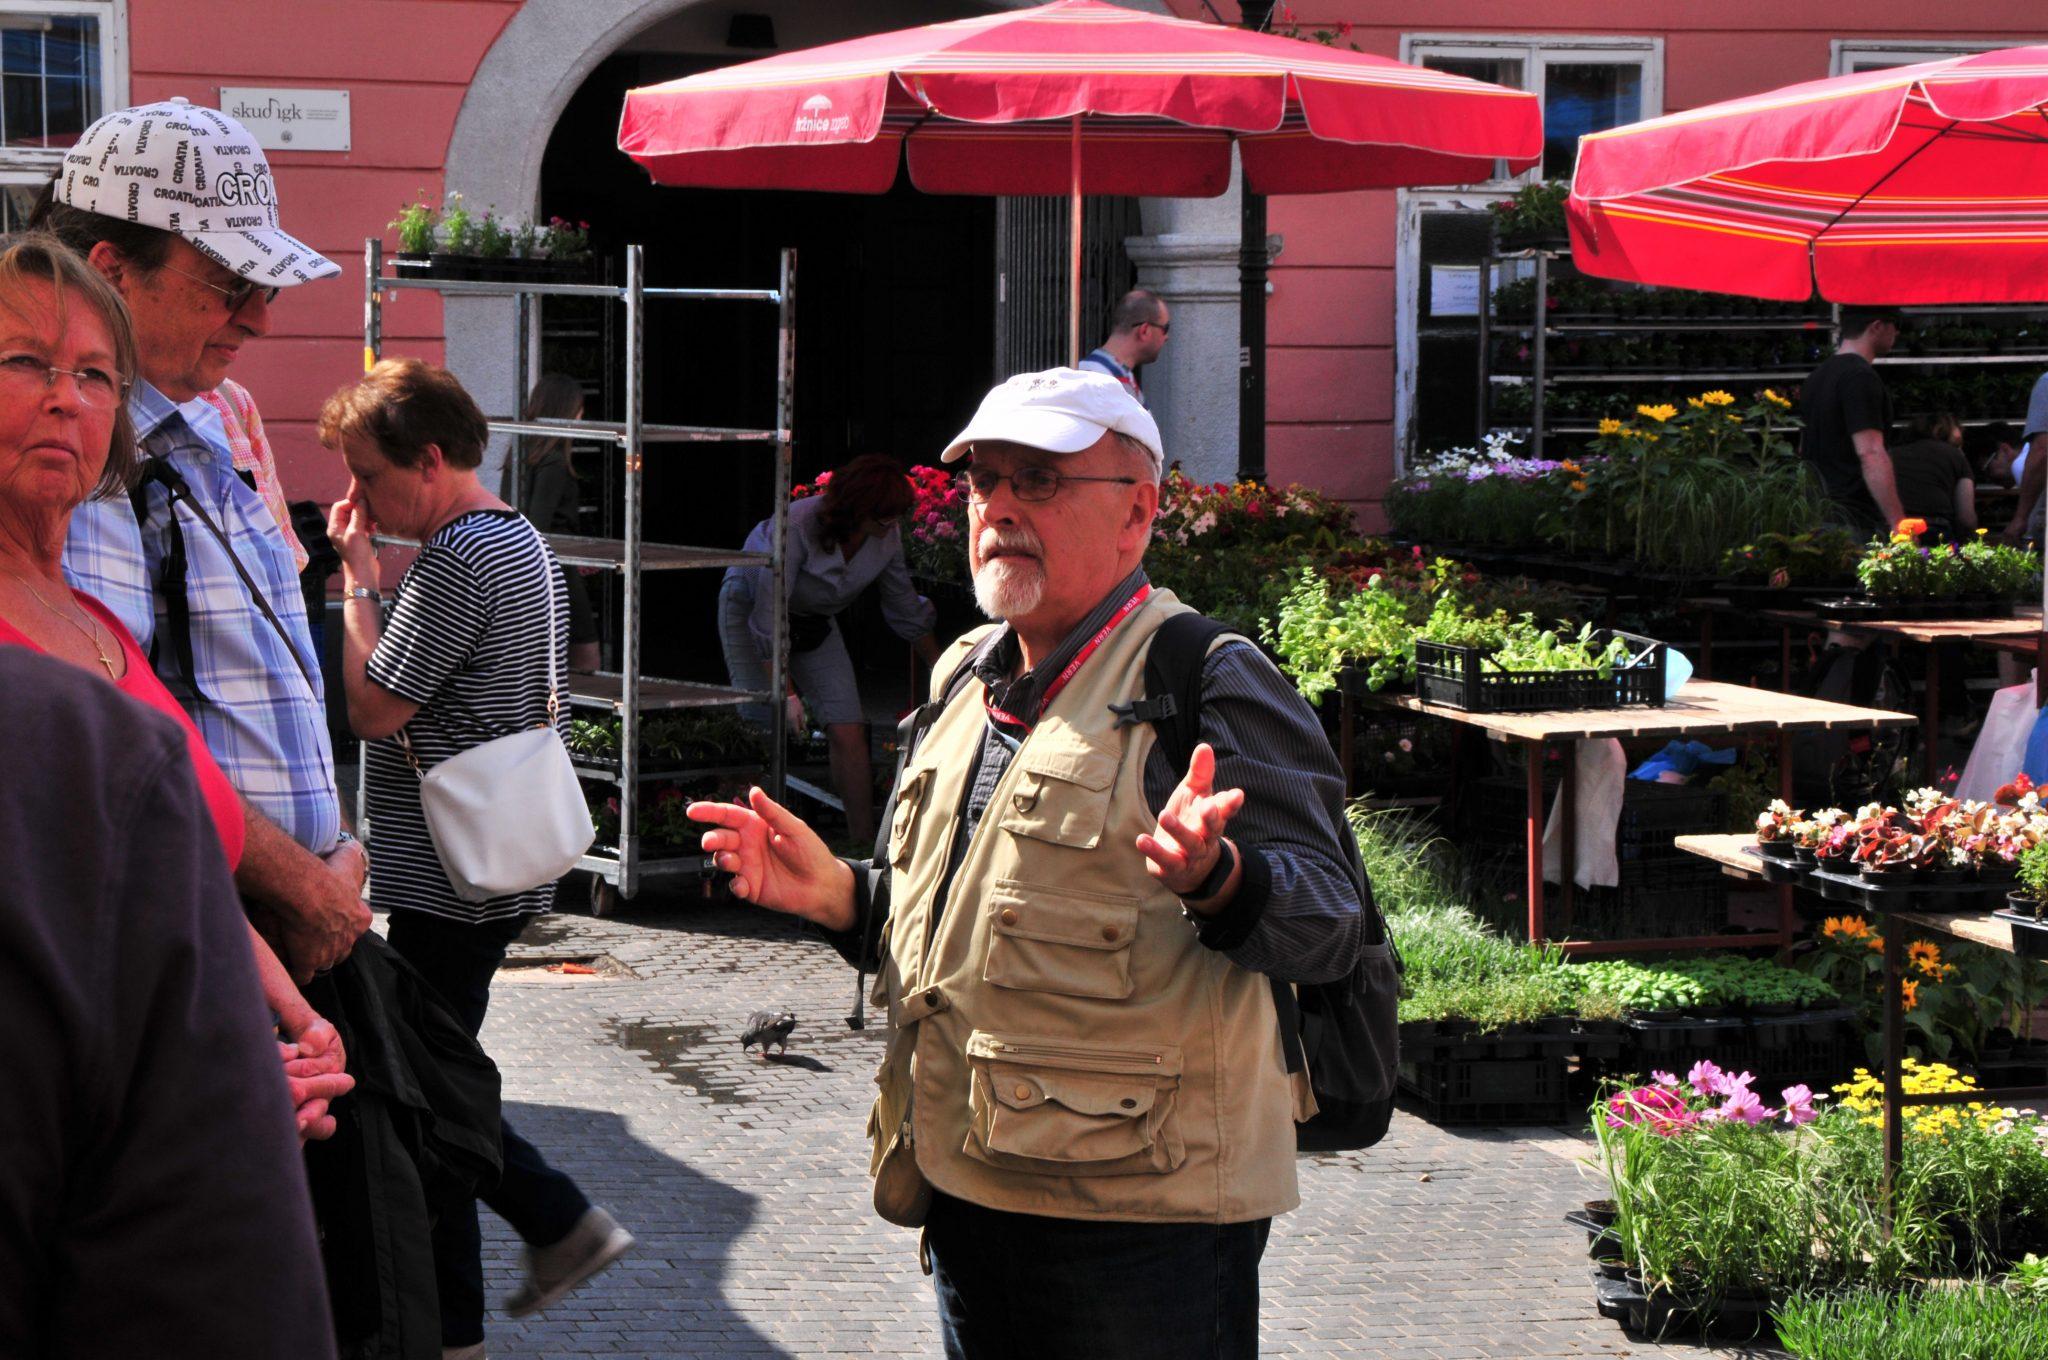 Führung mit Reiseleiter durch die Altstadt Zagreb